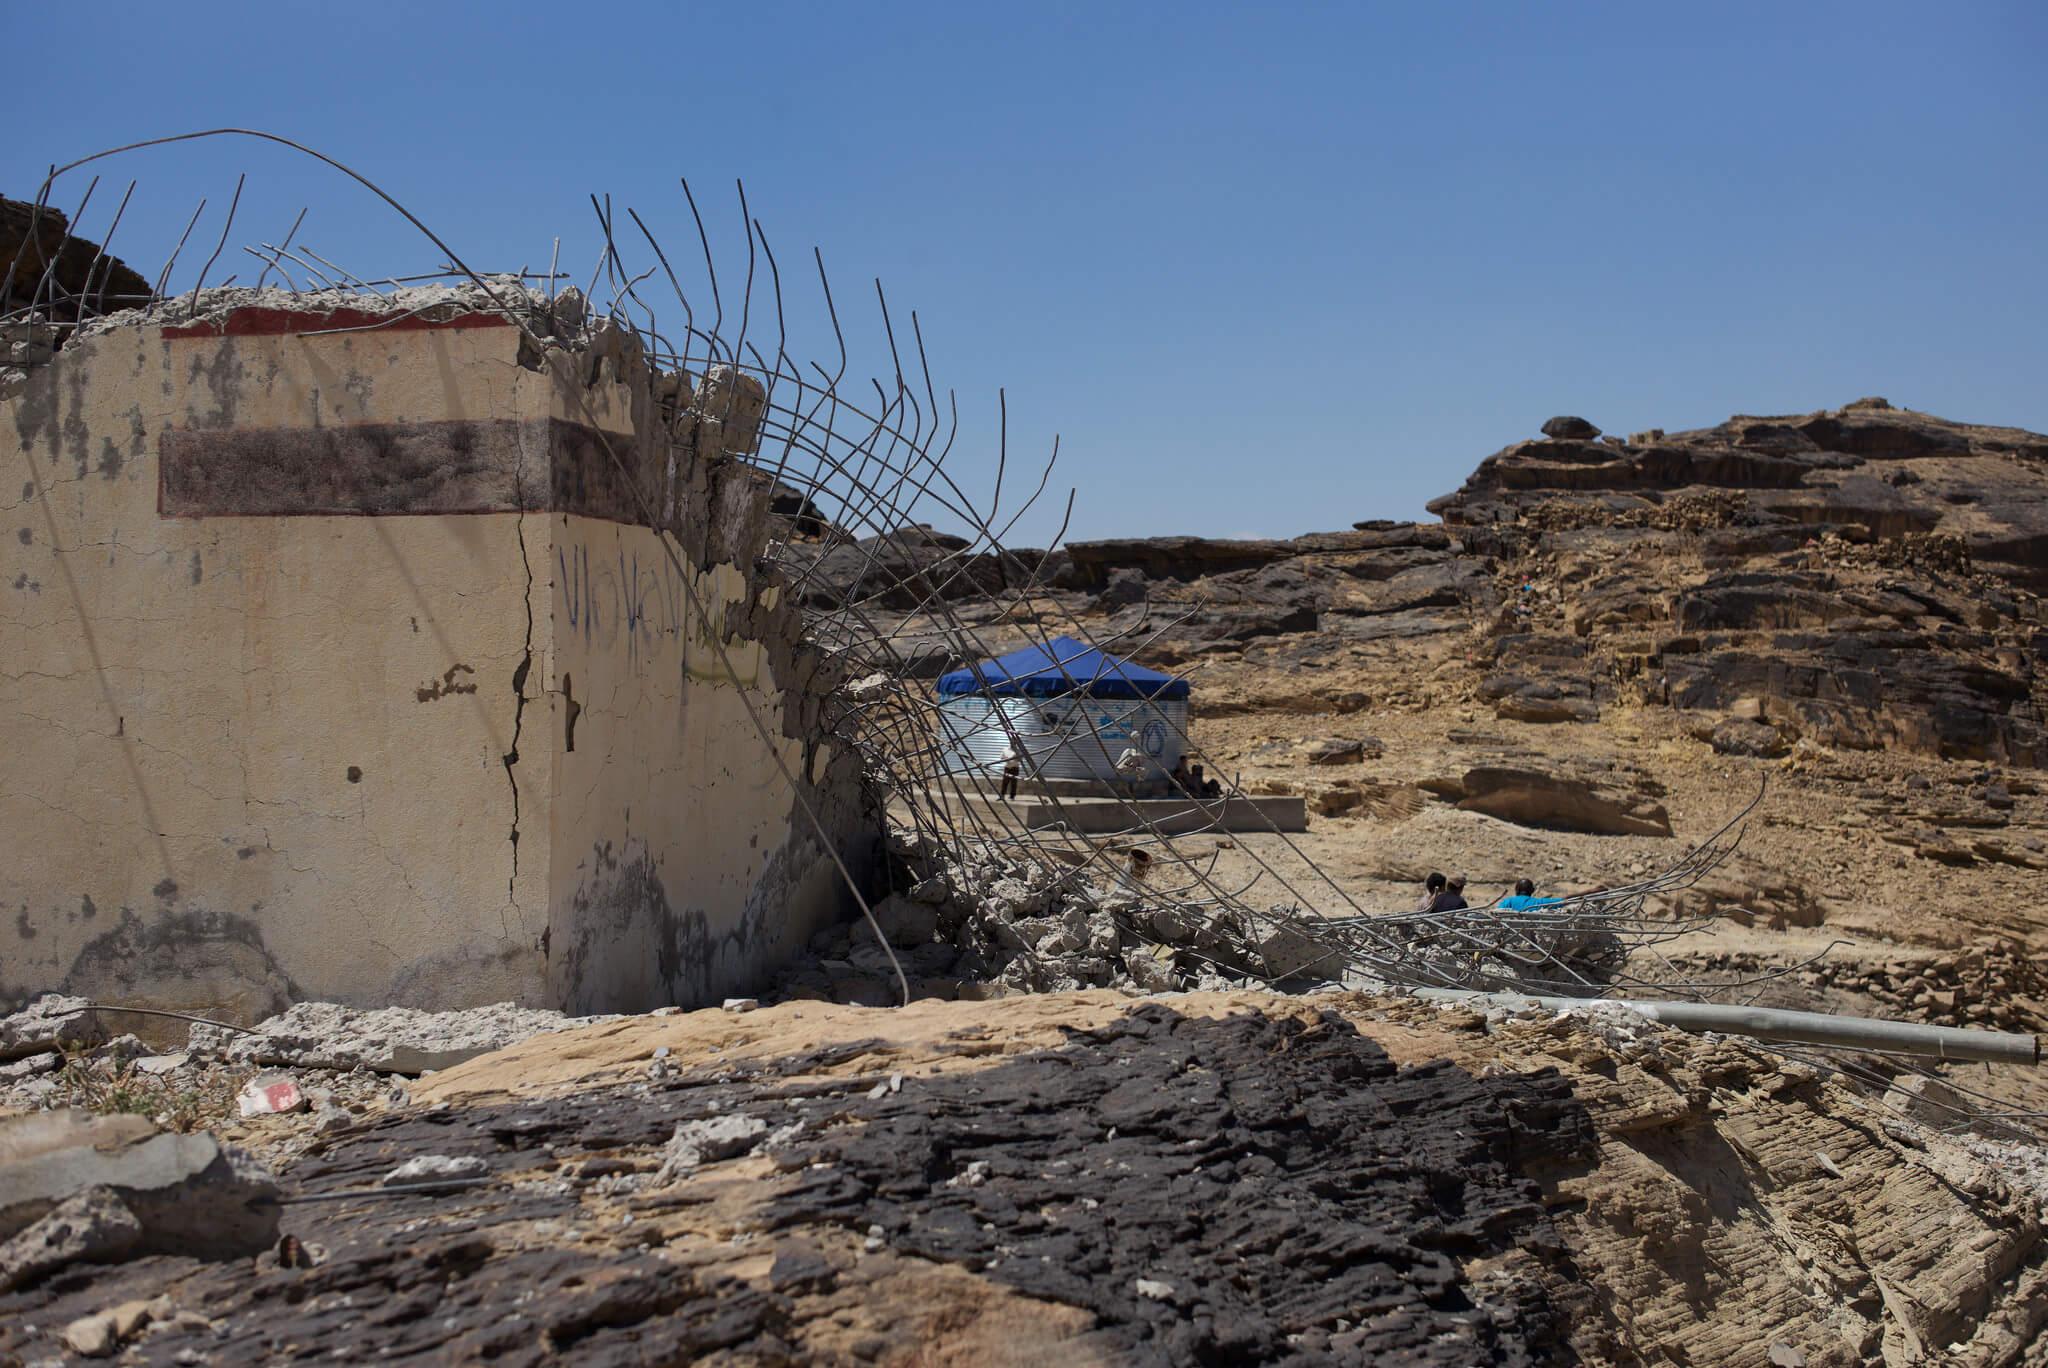 Réservoir d'eau détruit par un bombardement. Plus loin un autre réservoir de secours.